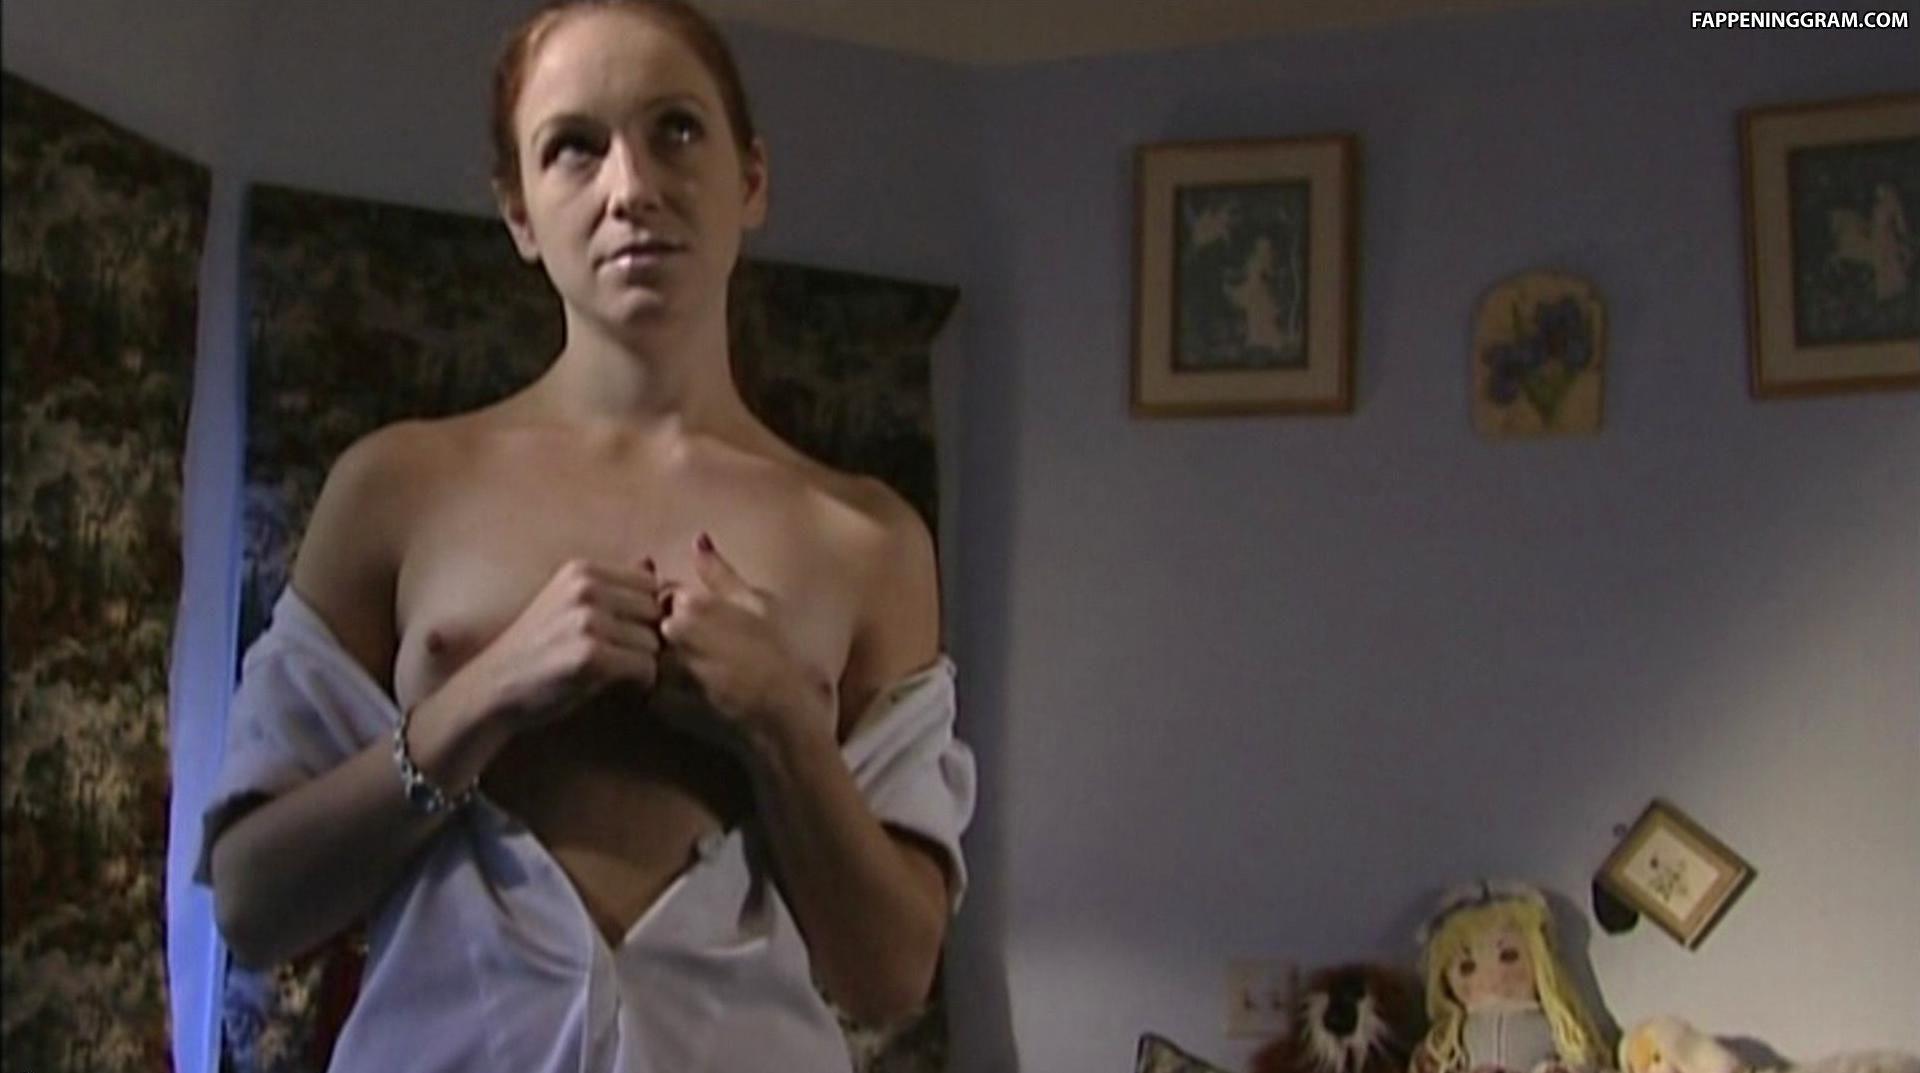 Michele scarabelli nude